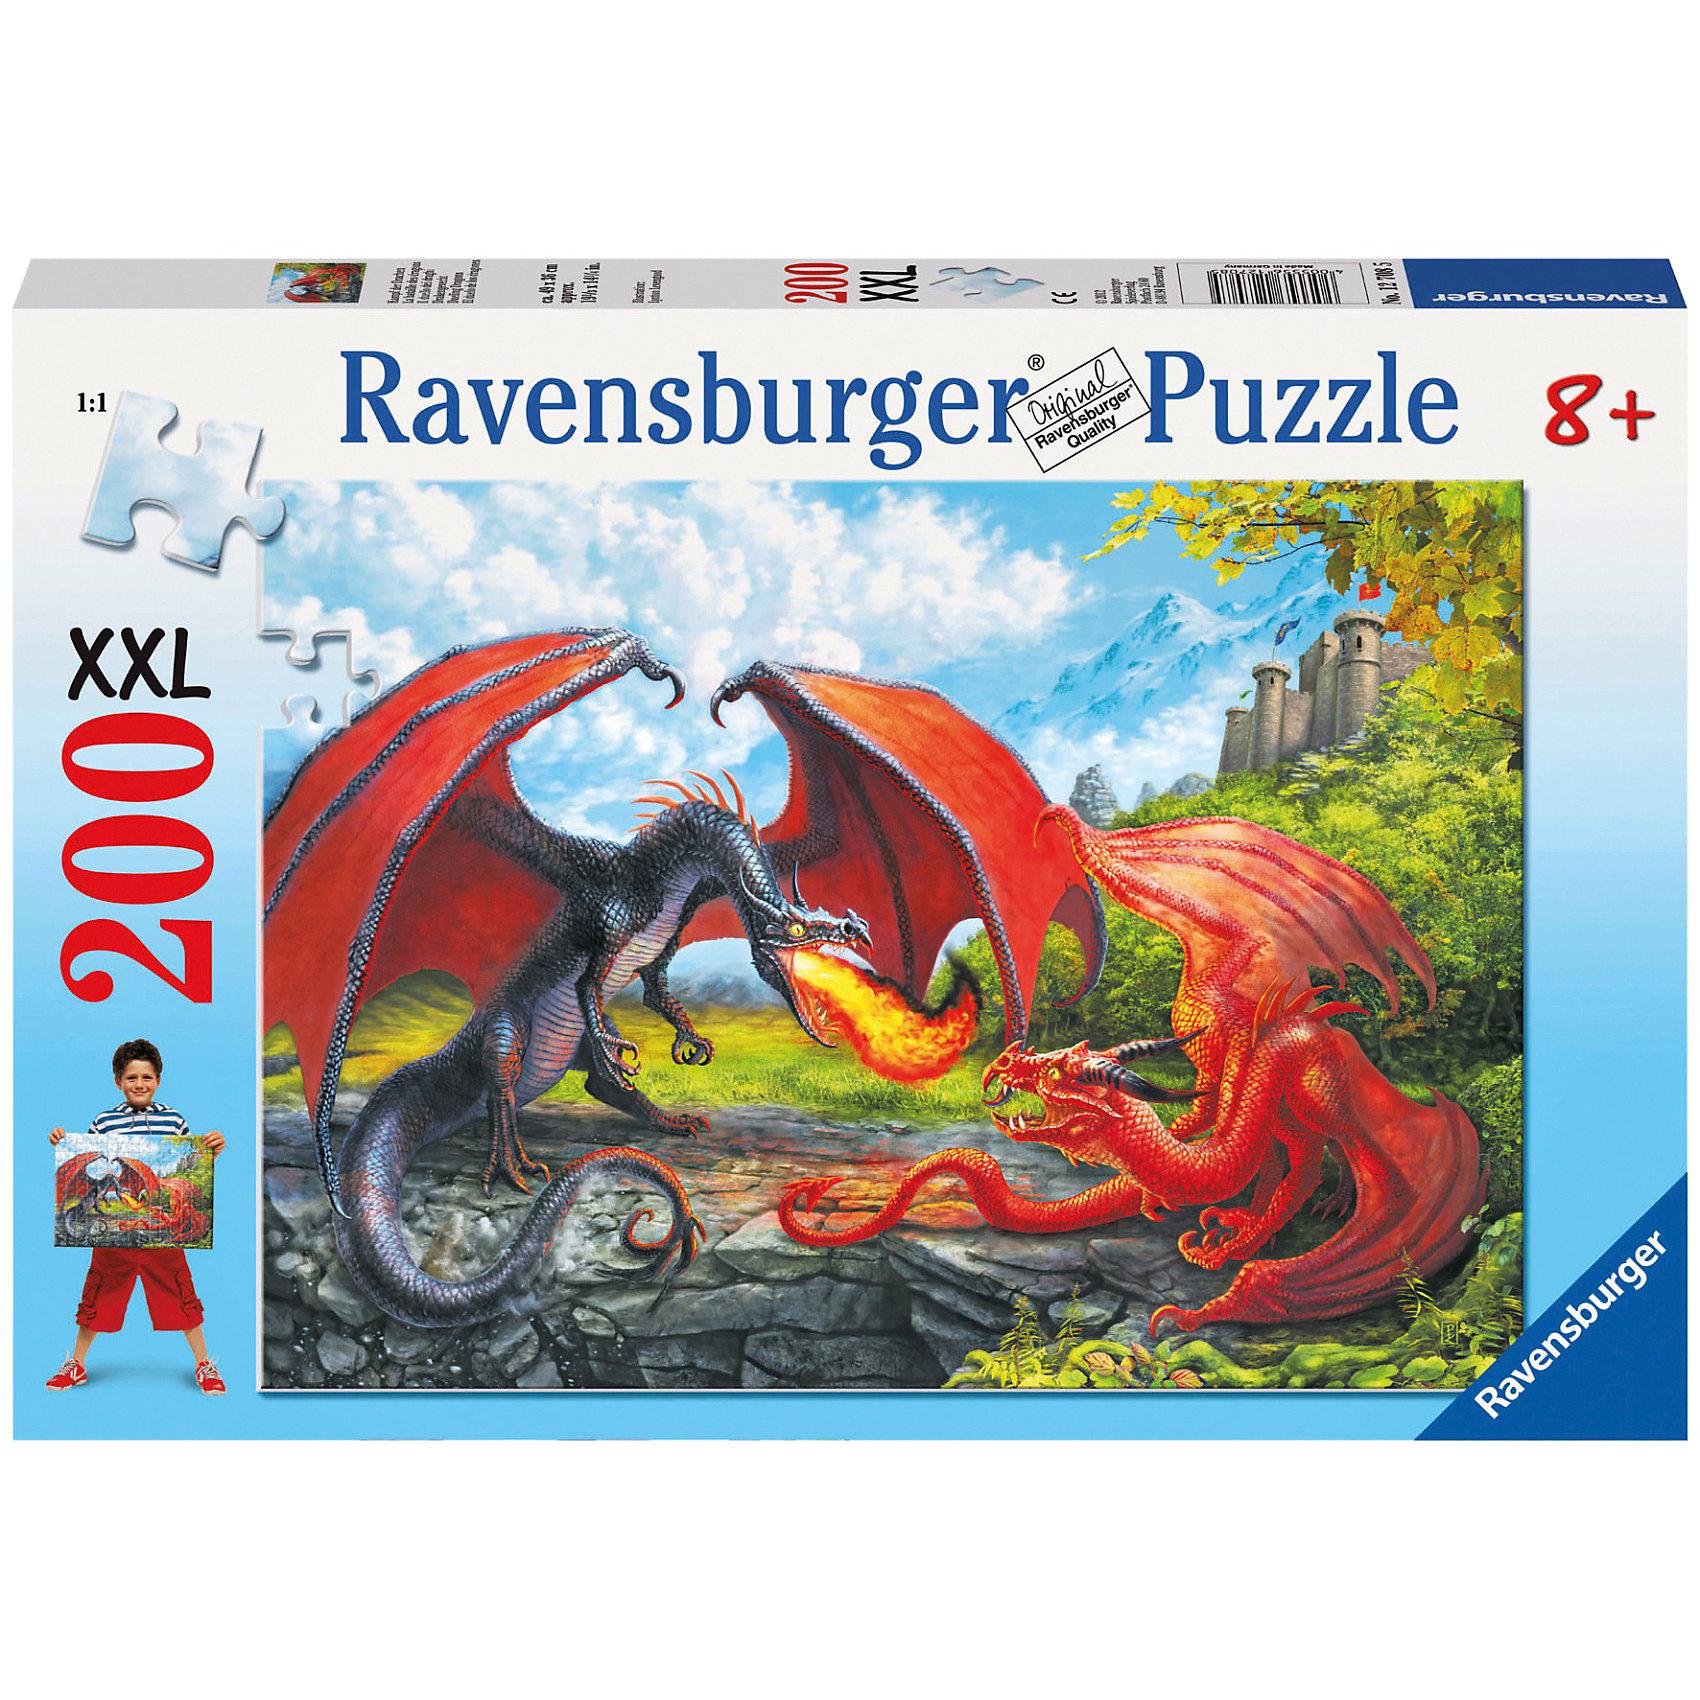 Пазл «Битва драконов» XXL 200 деталей, RavensburgerКлассические пазлы<br>Пазл «Битва драконов» XXL 200 деталей, Ravensburger (Равенсбургер) – увлекательное времяпрепровождение для Вашего ребенка!<br>Пазл «Битва драконов» от немецкой фирмы Ravensburger (Равенсбургер) - это уникальный занимательный и развивающий пазл. Собирая картинку, ребенок развивает логическое мышление, воображение, мелкую моторику и умение принимать самостоятельные решения. Пазлы Ravensburger неповторимы и уникальны тем, что для их изготовления используется картон наивысшего класса, благодаря которому сложенные головоломки не сгибаются, сам картон не отделяется от картинки, а сложенная картинка представляется абсолютно плоской и не деформируется даже спустя время. Прочные детали не ломаются. Каждая деталь имеет свою форму и подходит только на своё место. Матовая поверхность исключает неприятные отблески. Изготовлено из экологического сырья.<br><br>Дополнительная информация:<br><br>- Количество деталей: 200<br>- Размер картинки: 36х49 см.<br>- Материал: прочный картон<br>- Размер коробки: 34 x 4 x 23 см.<br><br>Пазл «Битва драконов» XXL 200 деталей, Ravensburger (Равенсбургер) можно купить в нашем интернет-магазине.<br><br>Ширина мм: 338<br>Глубина мм: 233<br>Высота мм: 38<br>Вес г: 507<br>Возраст от месяцев: 96<br>Возраст до месяцев: 120<br>Пол: Мужской<br>Возраст: Детский<br>Количество деталей: 200<br>SKU: 3176770